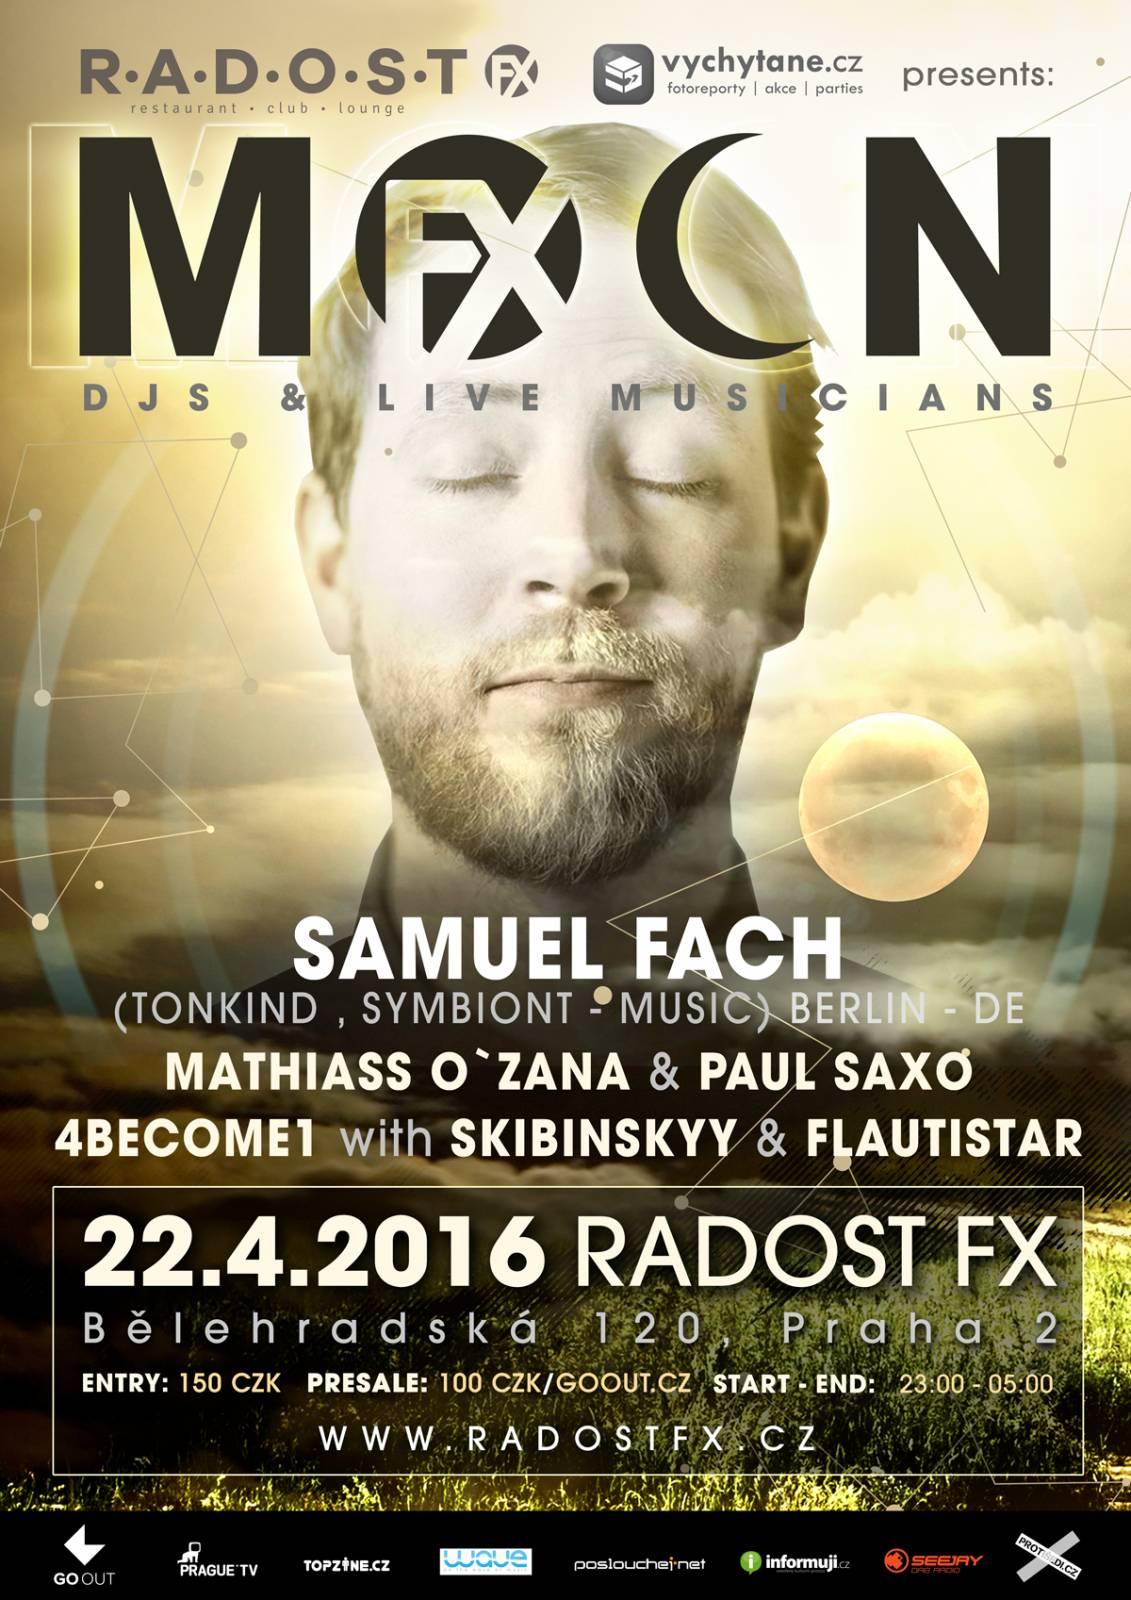 Samuel Fach  bude první zahraniční hvězdou party MoOn:FX v pražském klubu Radost FX